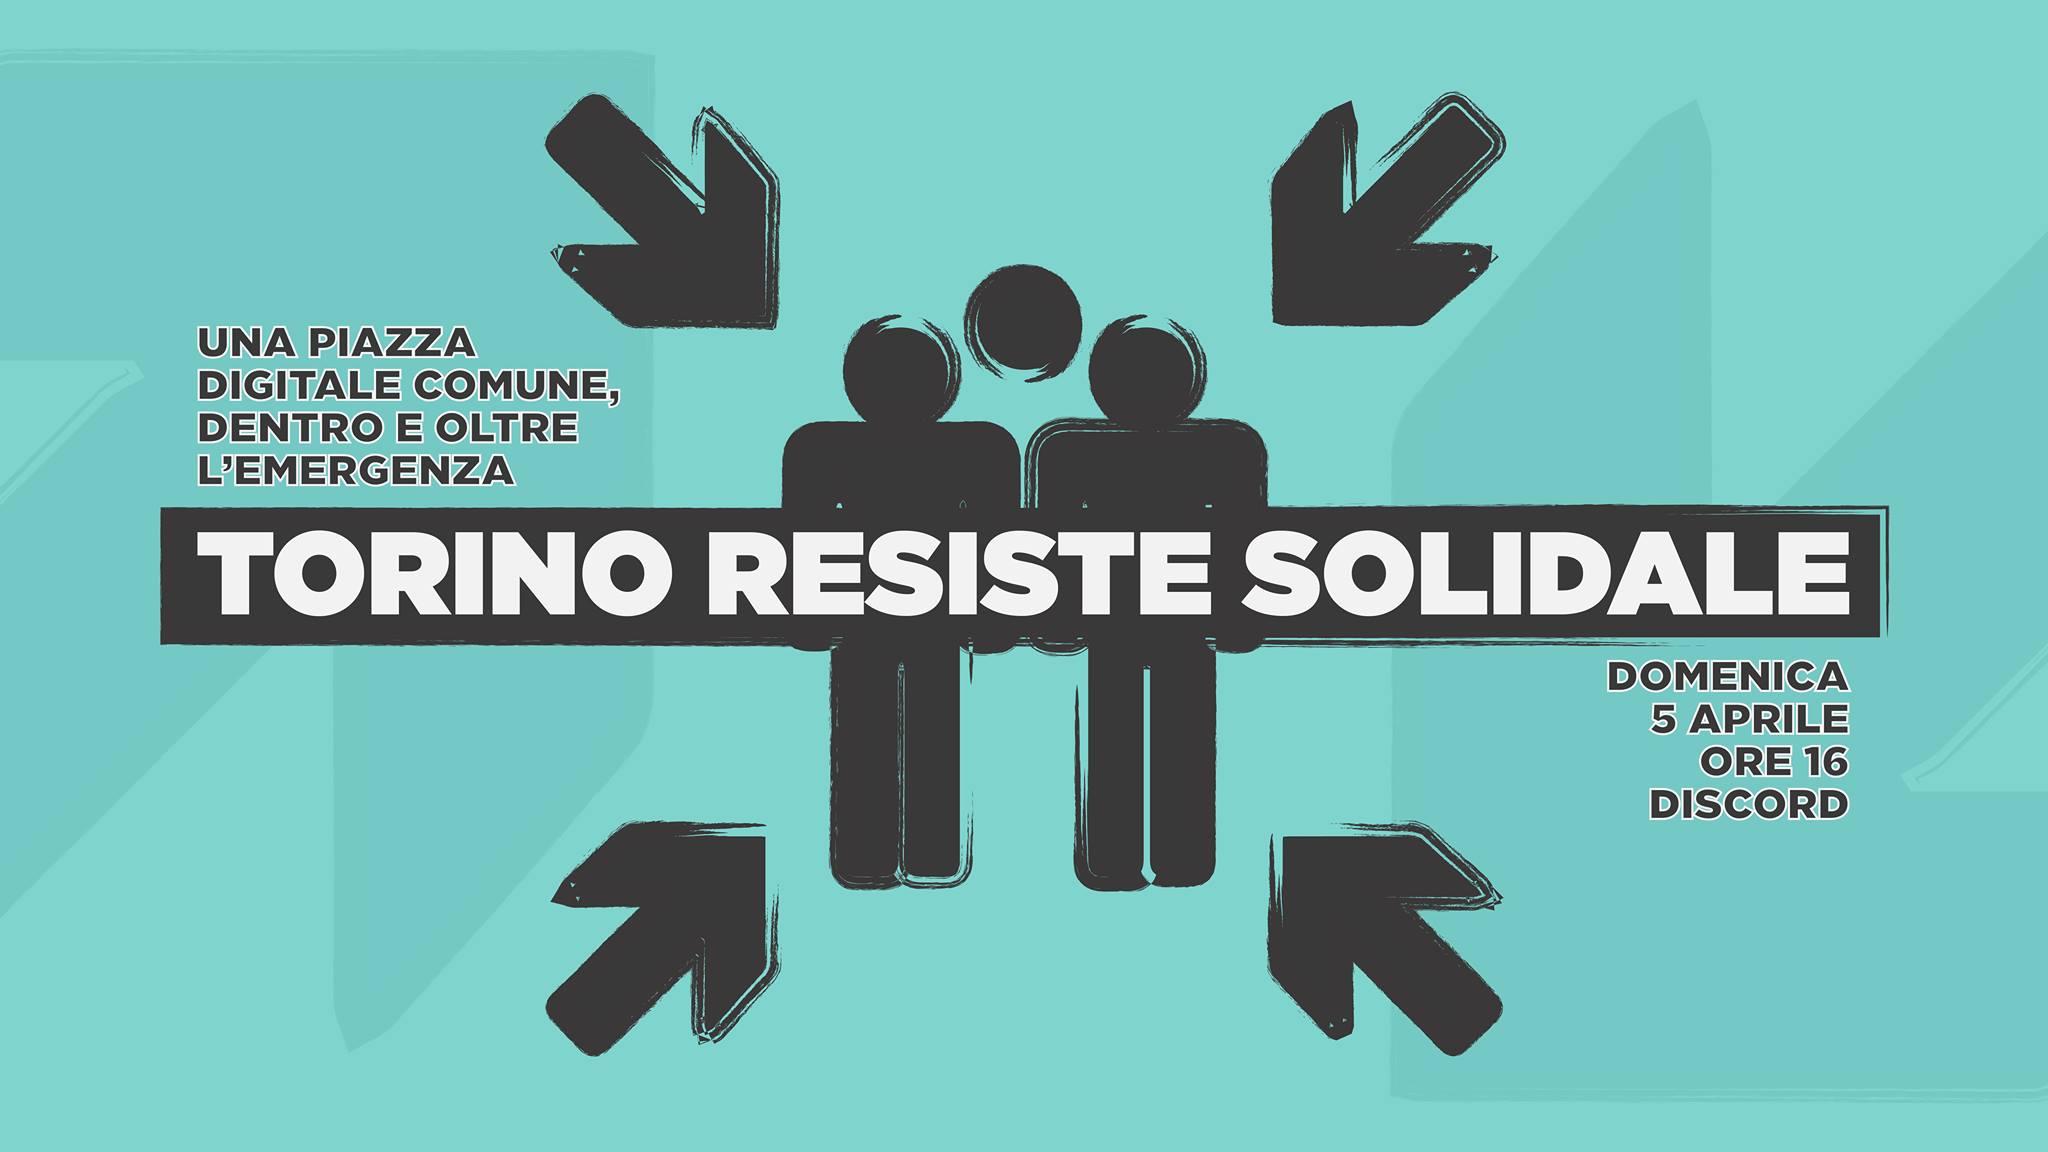 Torino resiste solidale: una piazza digitale dentro e oltre l'emergenza sociale